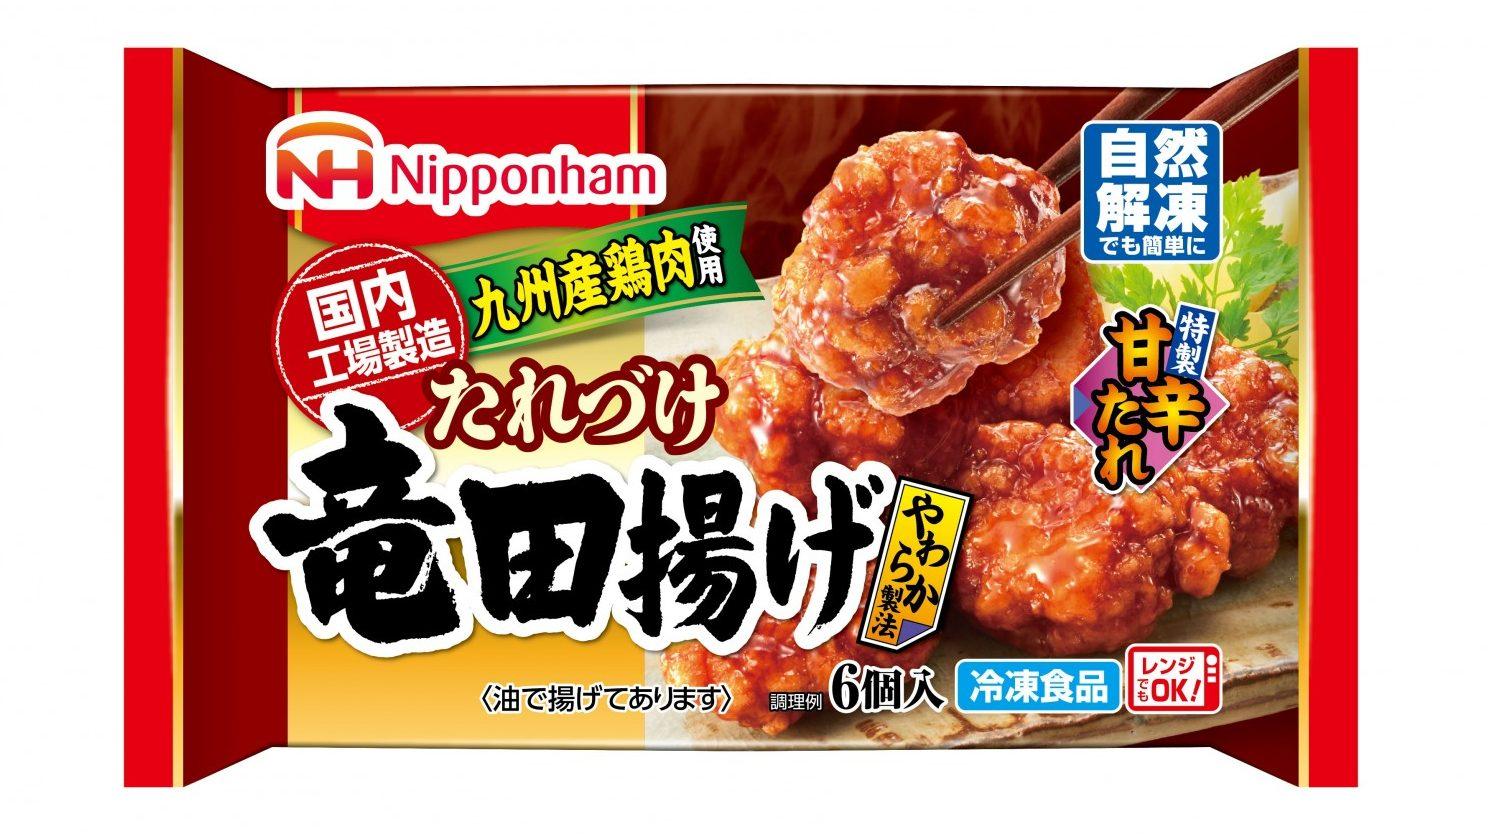 日本ハムブランド冷凍食品~人気ランキングTOP5ご紹介します